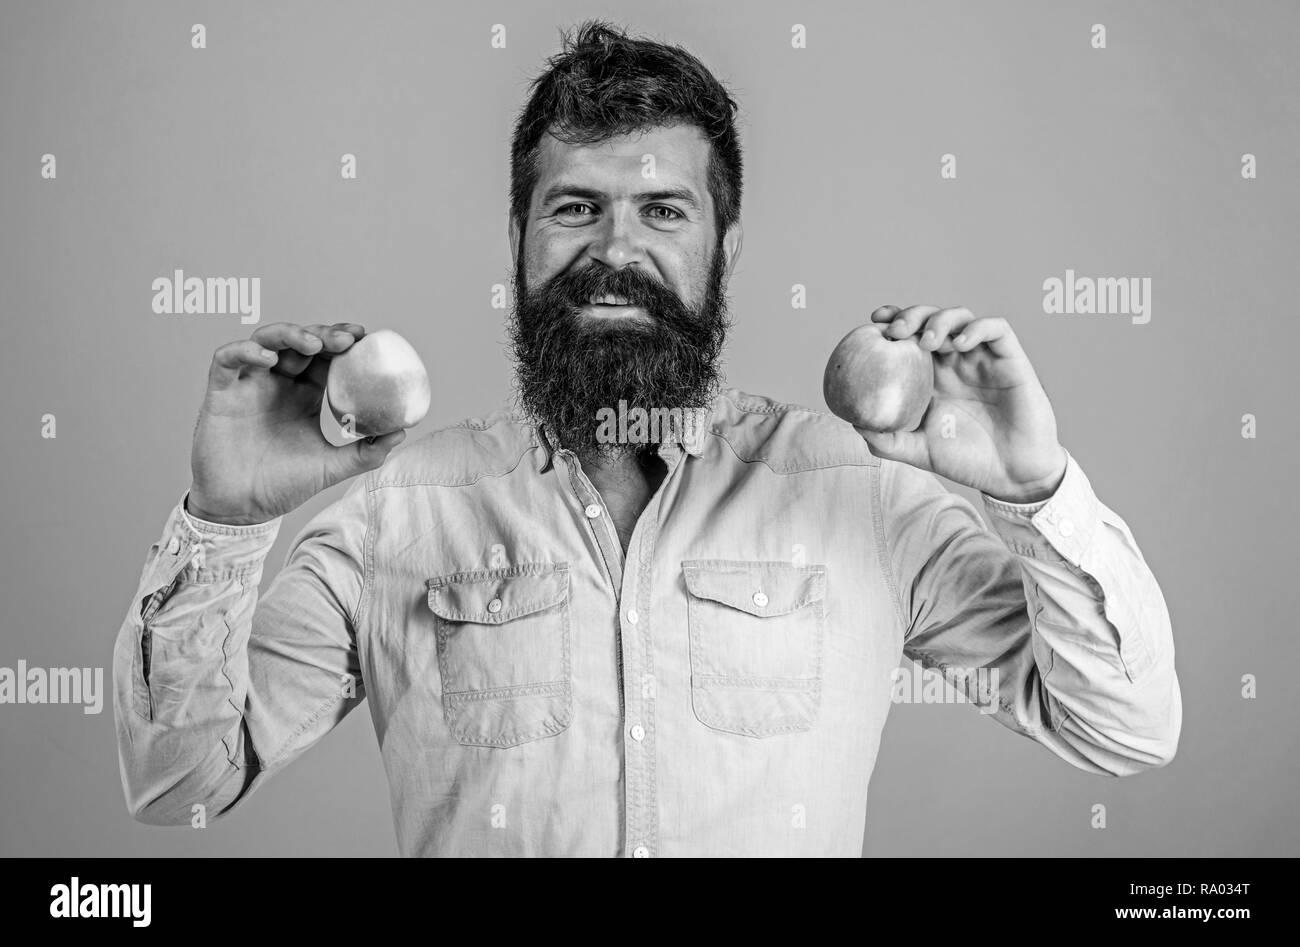 Scelta nutrizionale. Uomo con barba hipster tenere apple frutto in mano. Fatti di nutrizione e di benefici per la salute. Mele tipo popolare frutto nel mondo. Mele composti antiossidanti responsabili i benefici per la salute. Immagini Stock